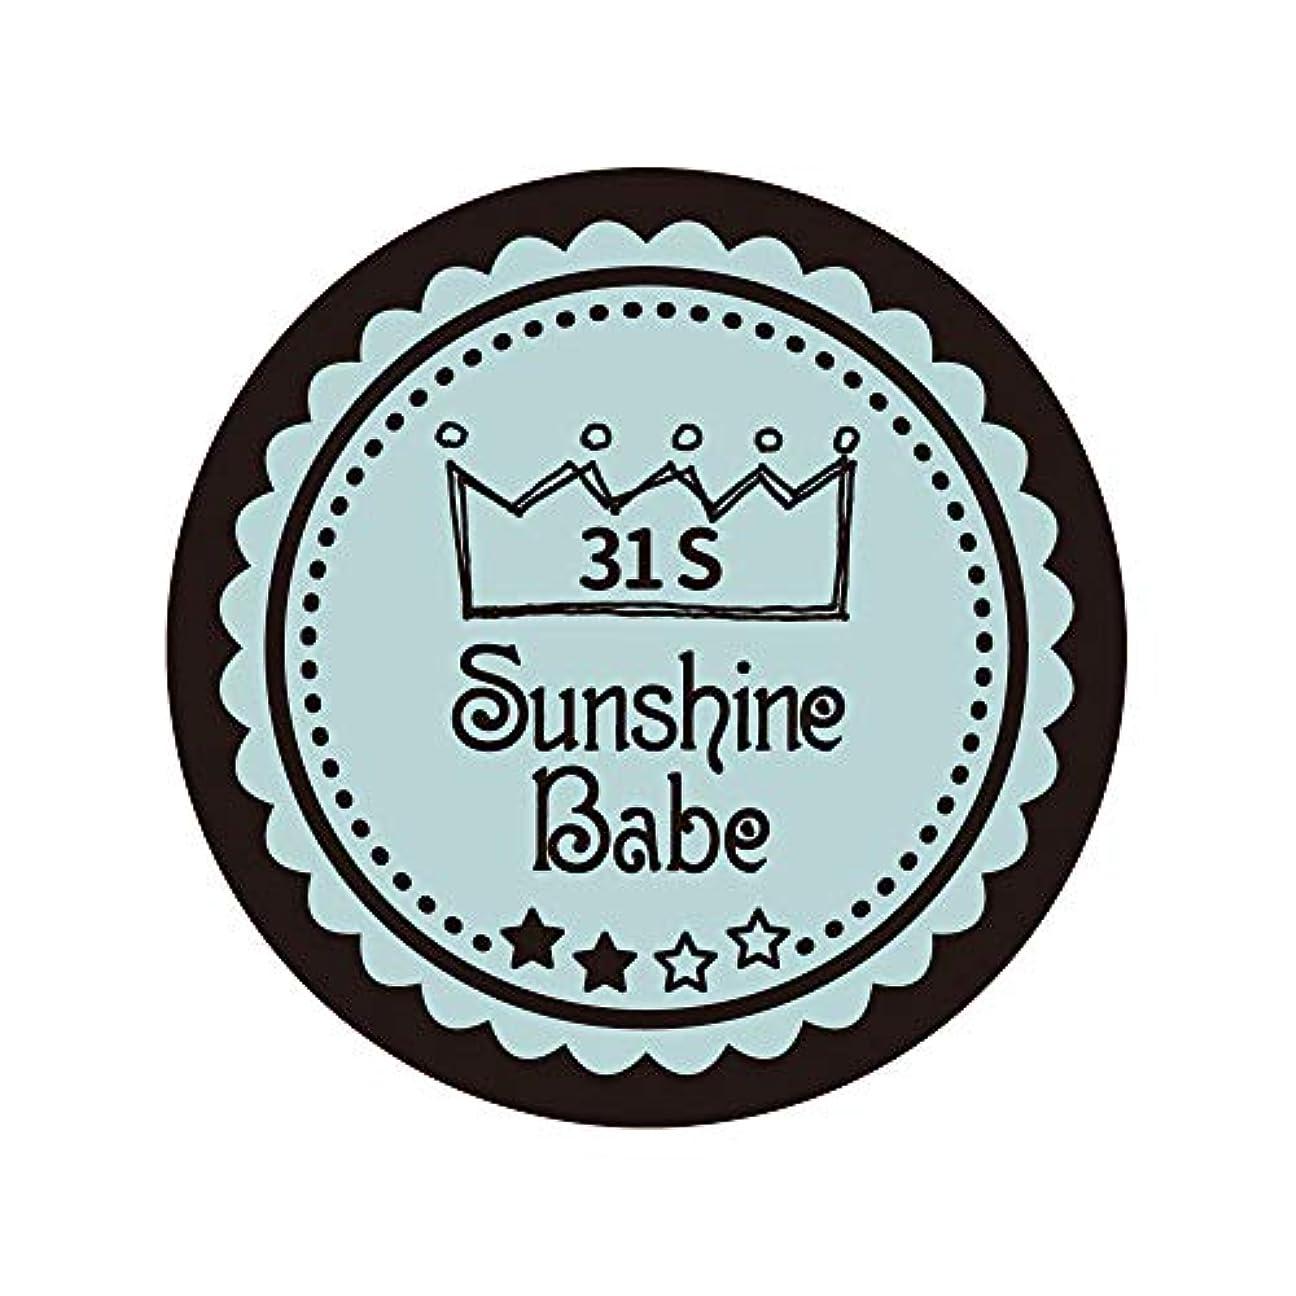 ベックスグラフィック塗抹Sunshine Babe カラージェル 31S アイスブルー 2.7g UV/LED対応